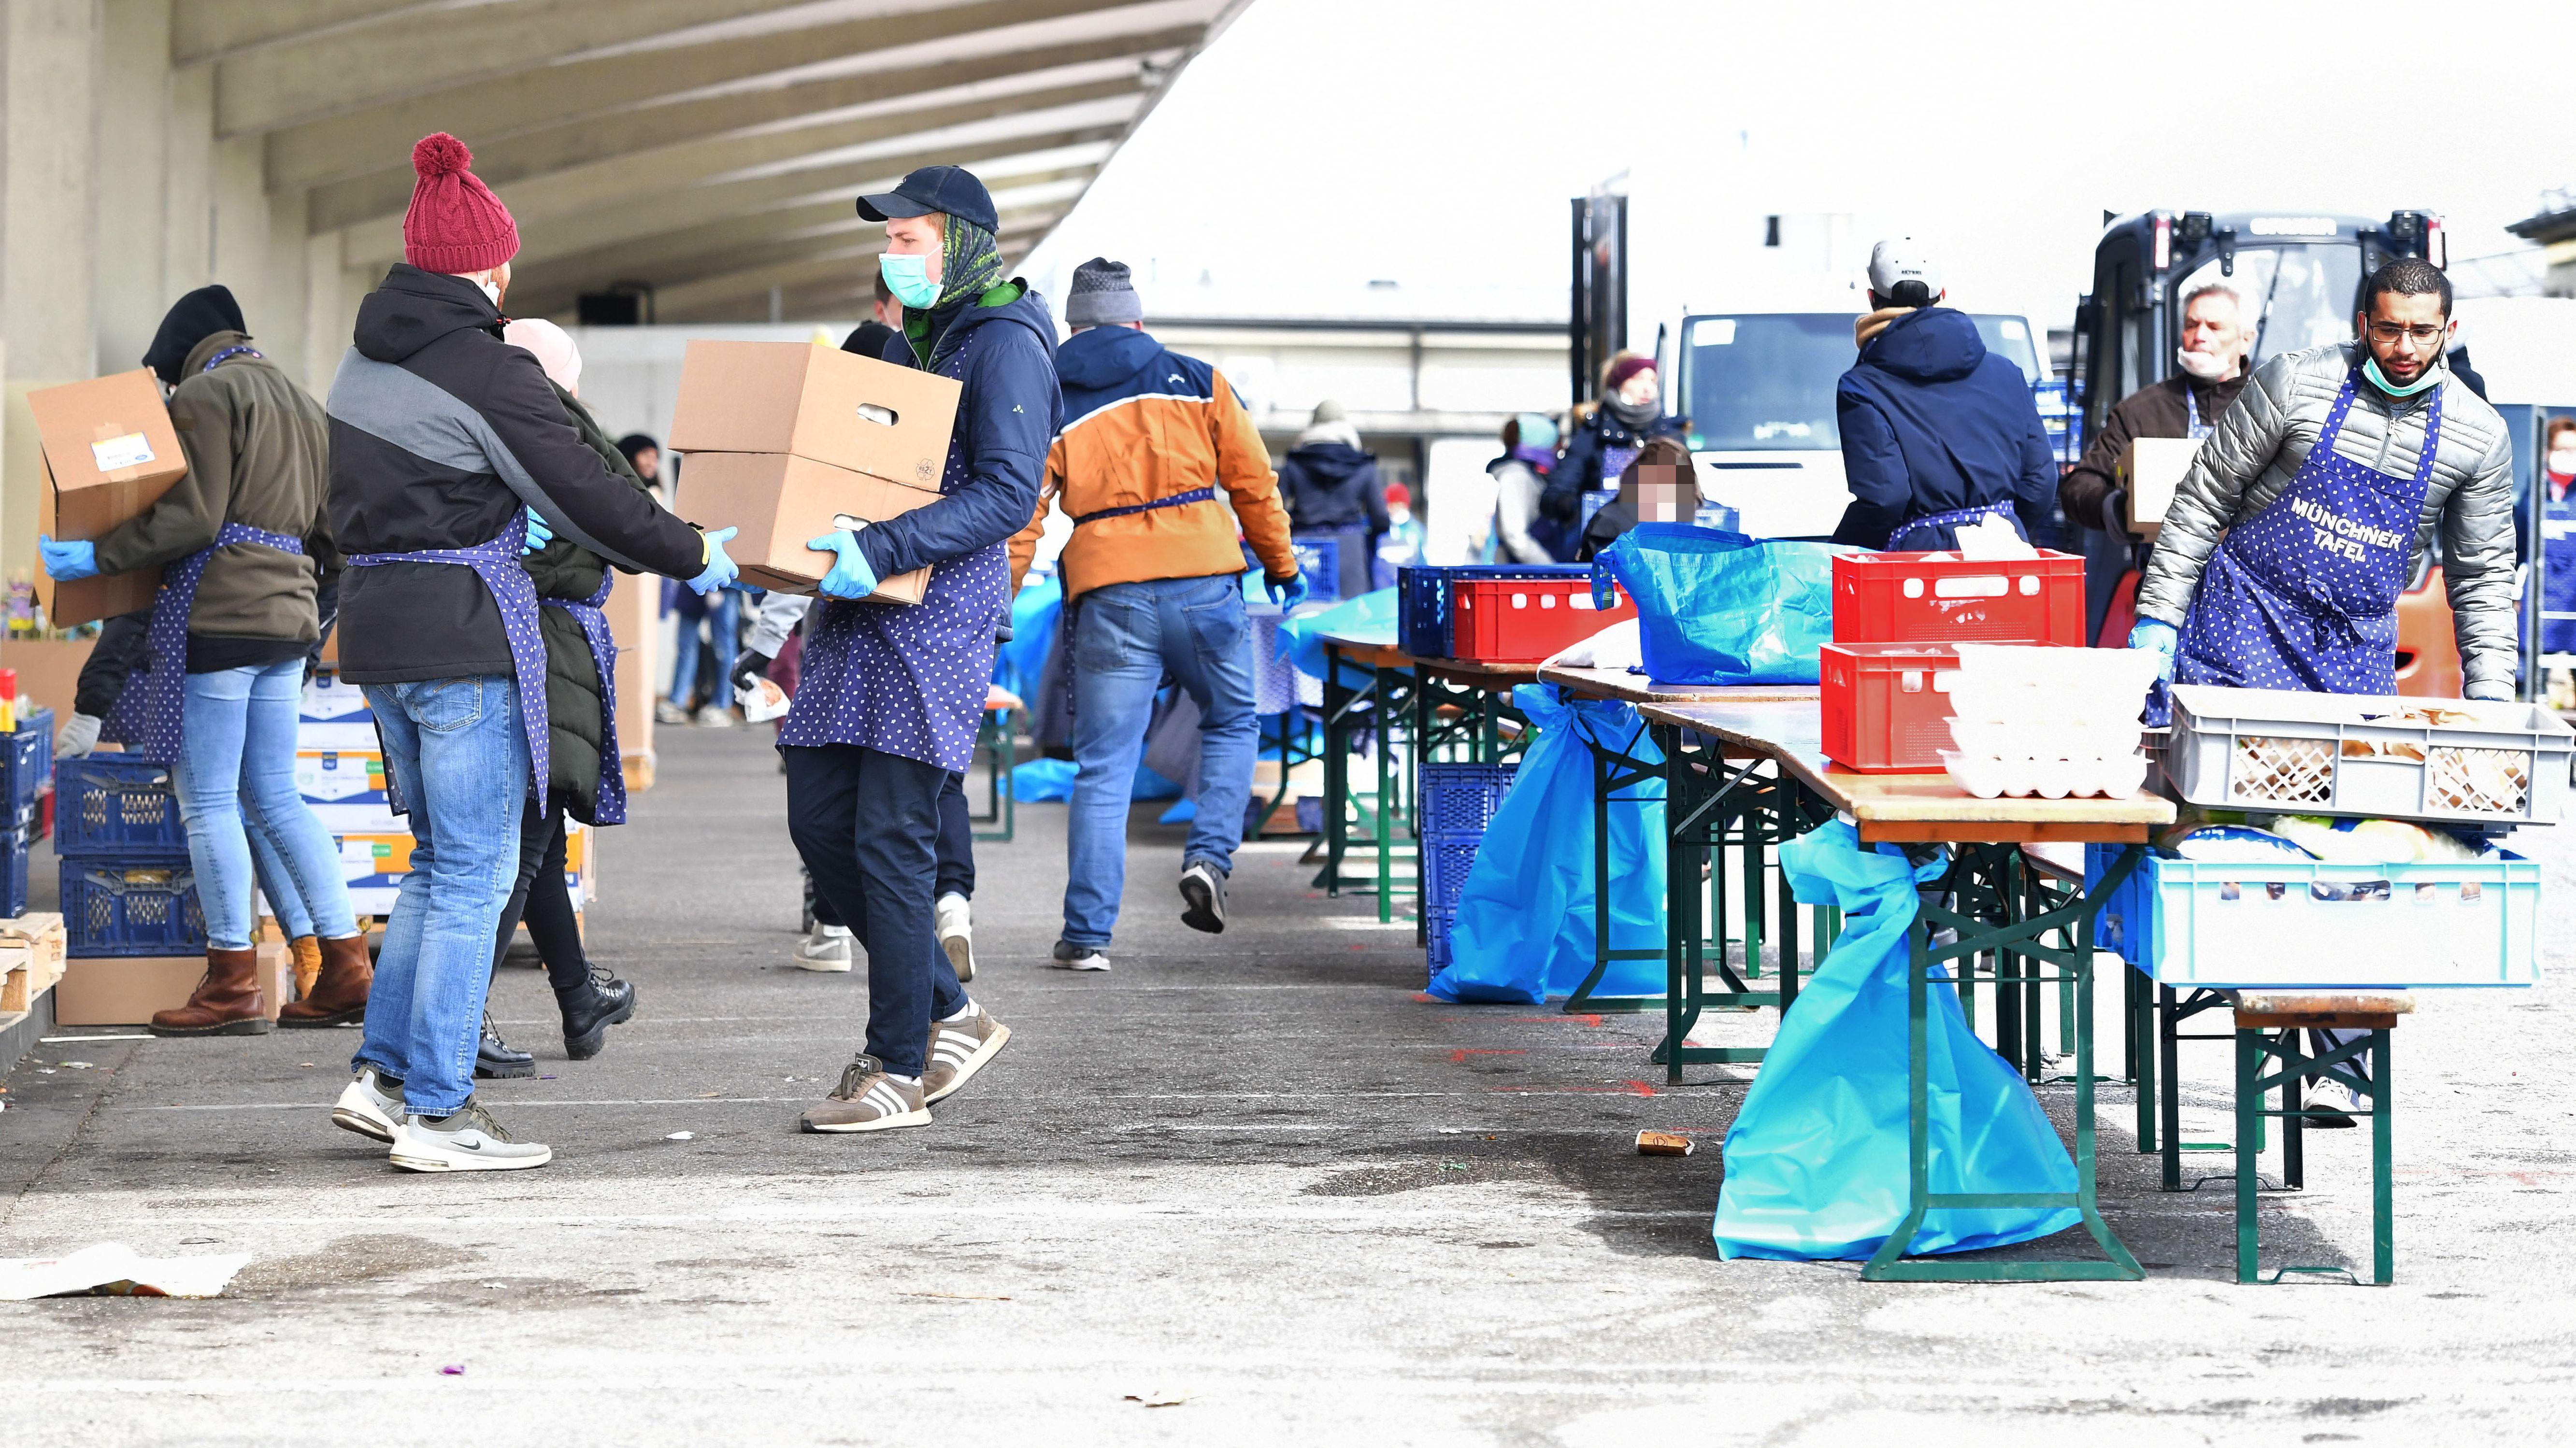 Essensausgabe bei der Münchner Tafel. Helfer mit Mundschutz tragen Kisten mit Lebensmitteln zur Verteilung und Ausgabe an bedürftige Menschen.